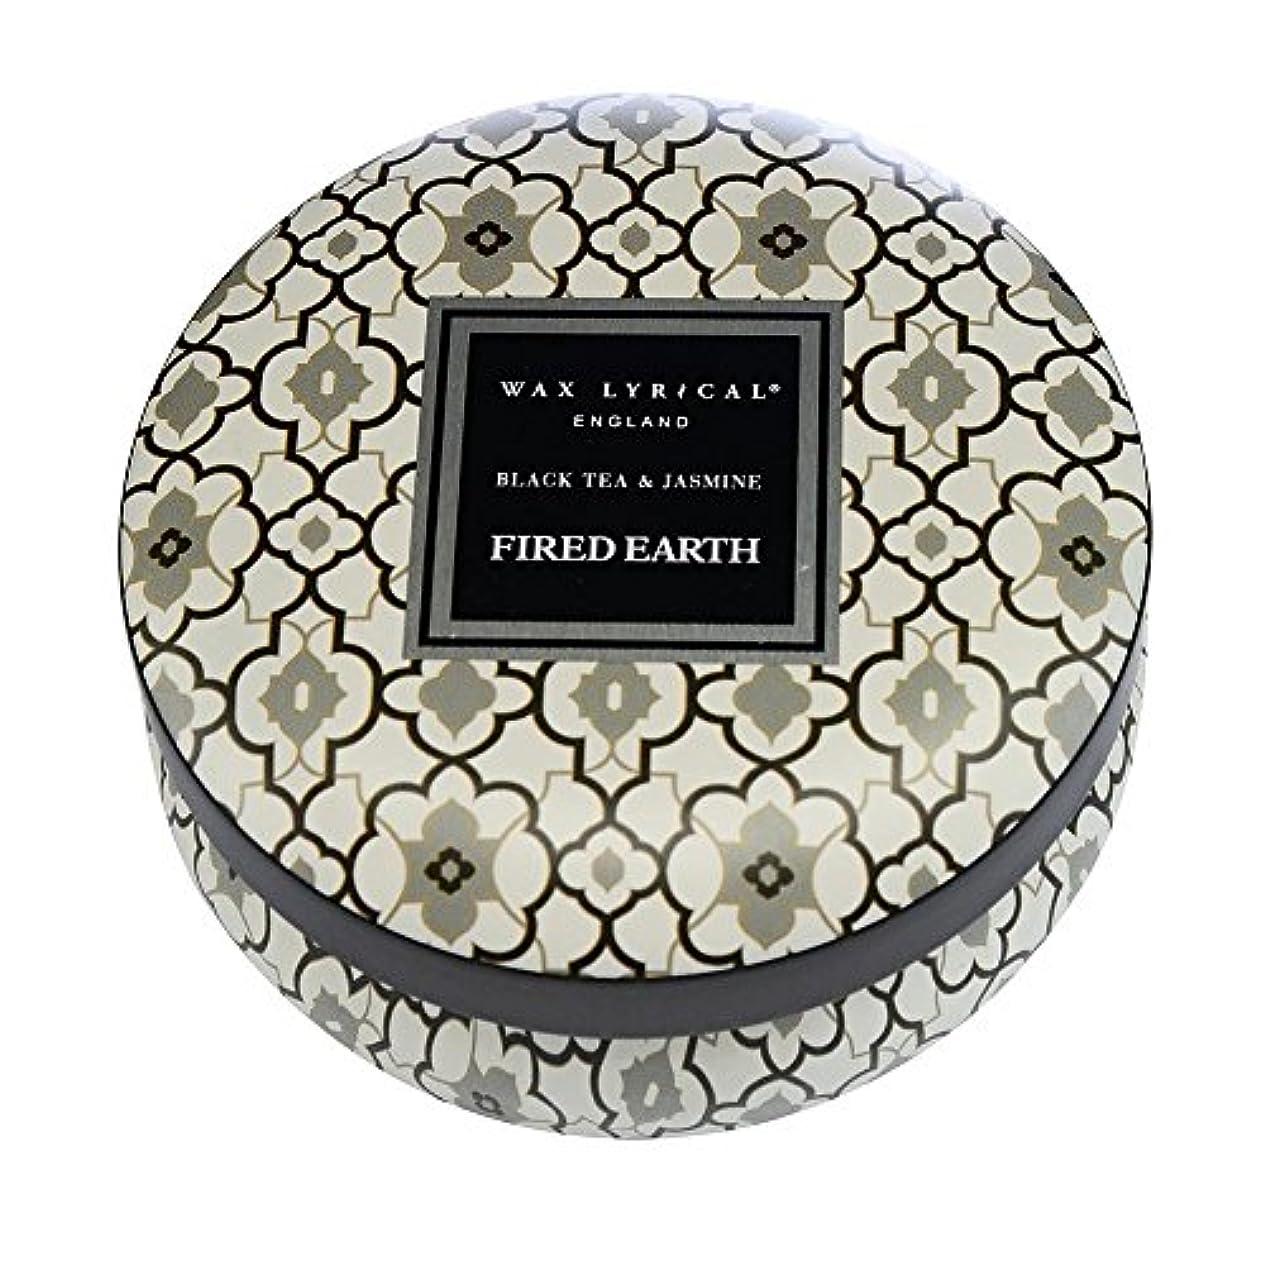 火山学者石膏甘くするWAX LYRICAL ENGLAND FIRED EARTH 缶入りキャンドル ブラックティー&ジャスミン CNFE0804